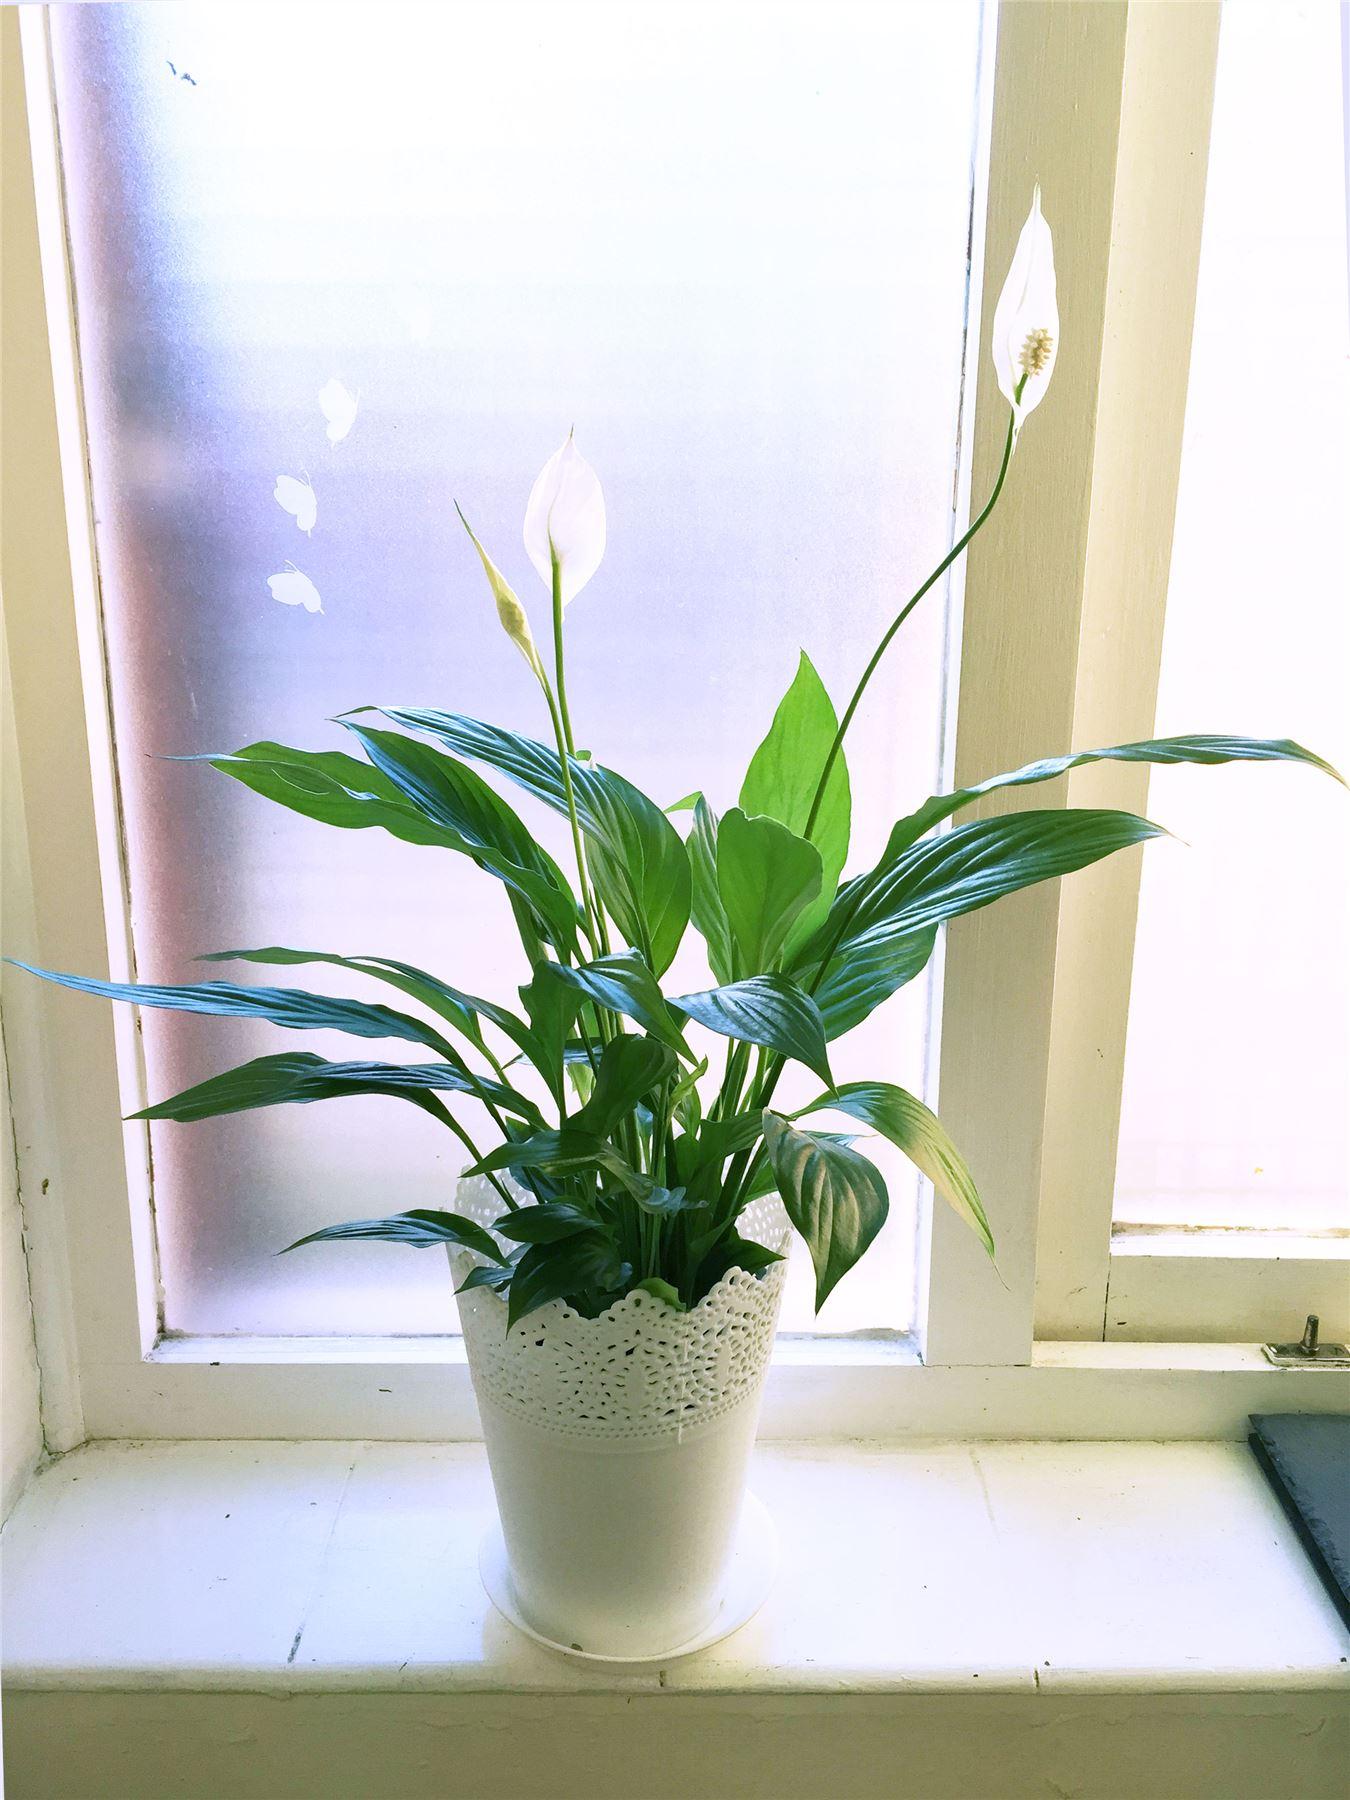 1 spatifillo pianta interno in pizzo floreale pot for Spatifillo pianta